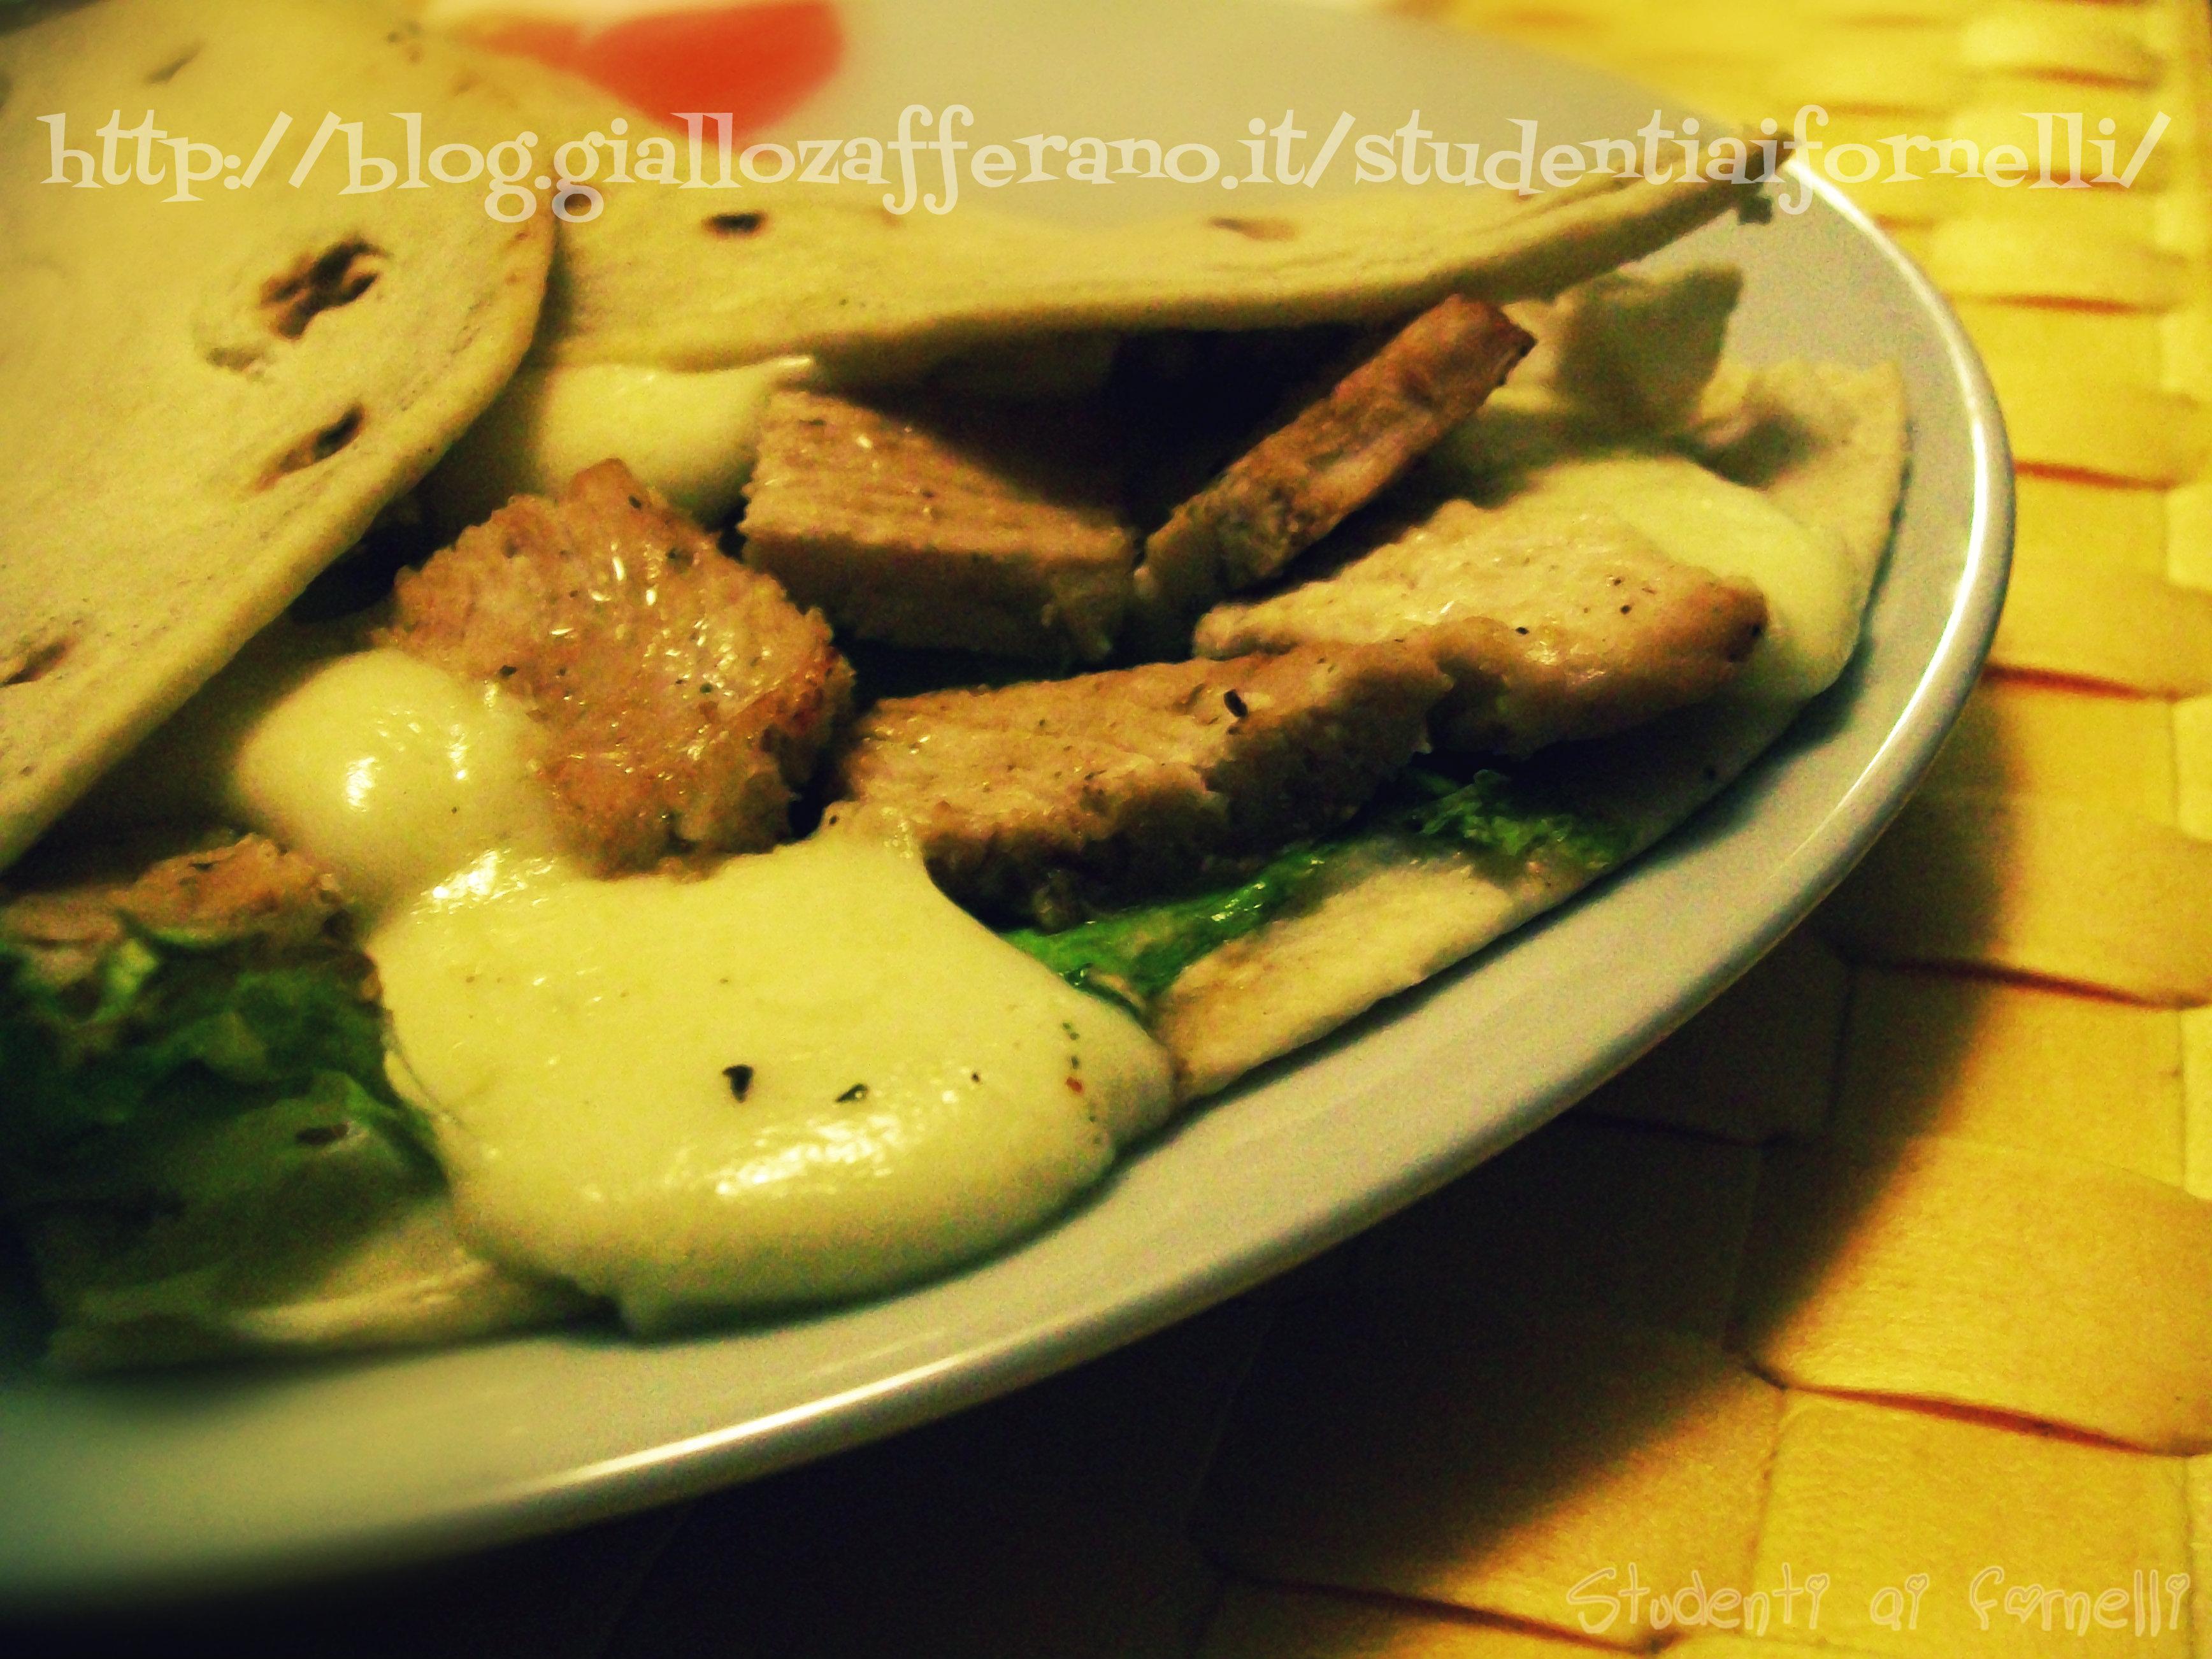 piadina con petto di pollo ricetta sfiziosa